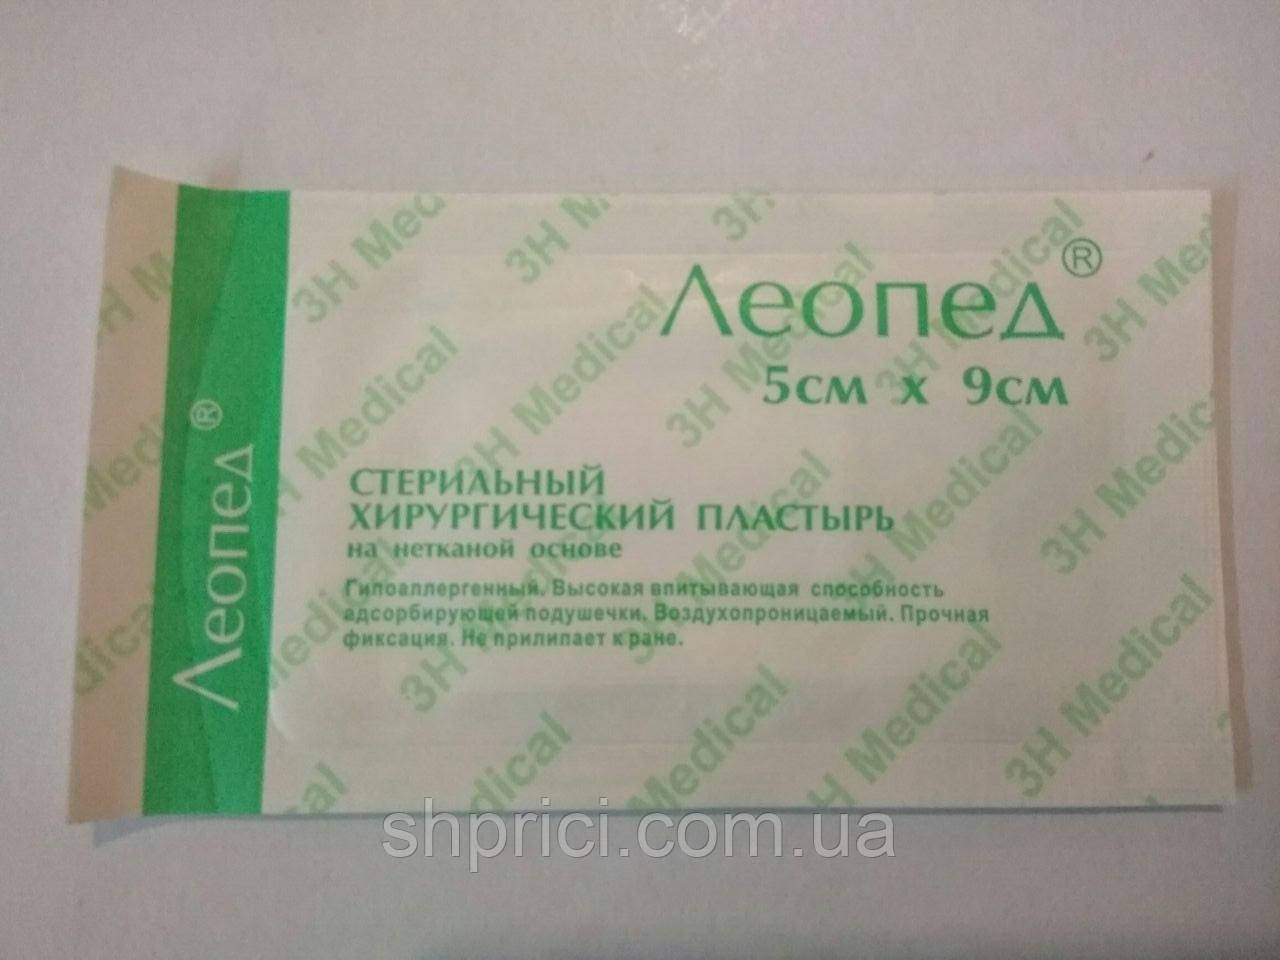 Пластырь хирургический стерильный 5 см*9 см  Леопед/ Леон-Фарм